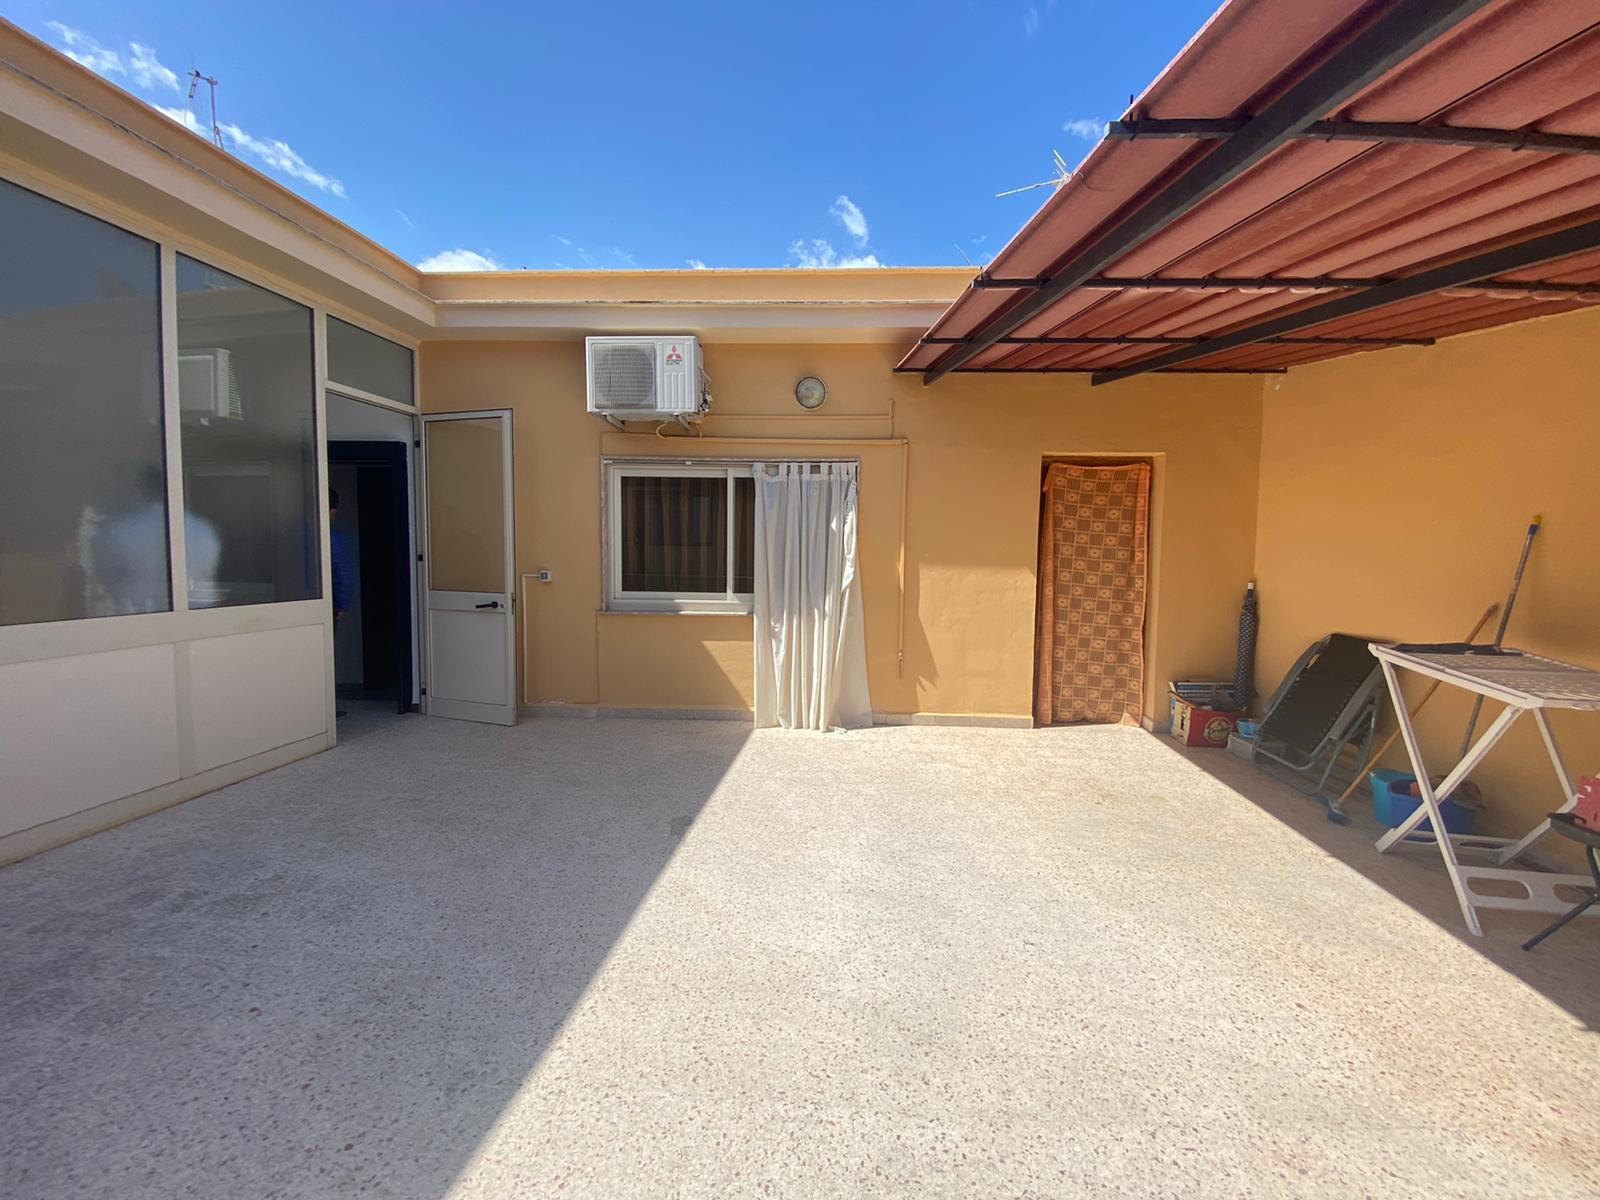 Appartamento con ampia terrazza